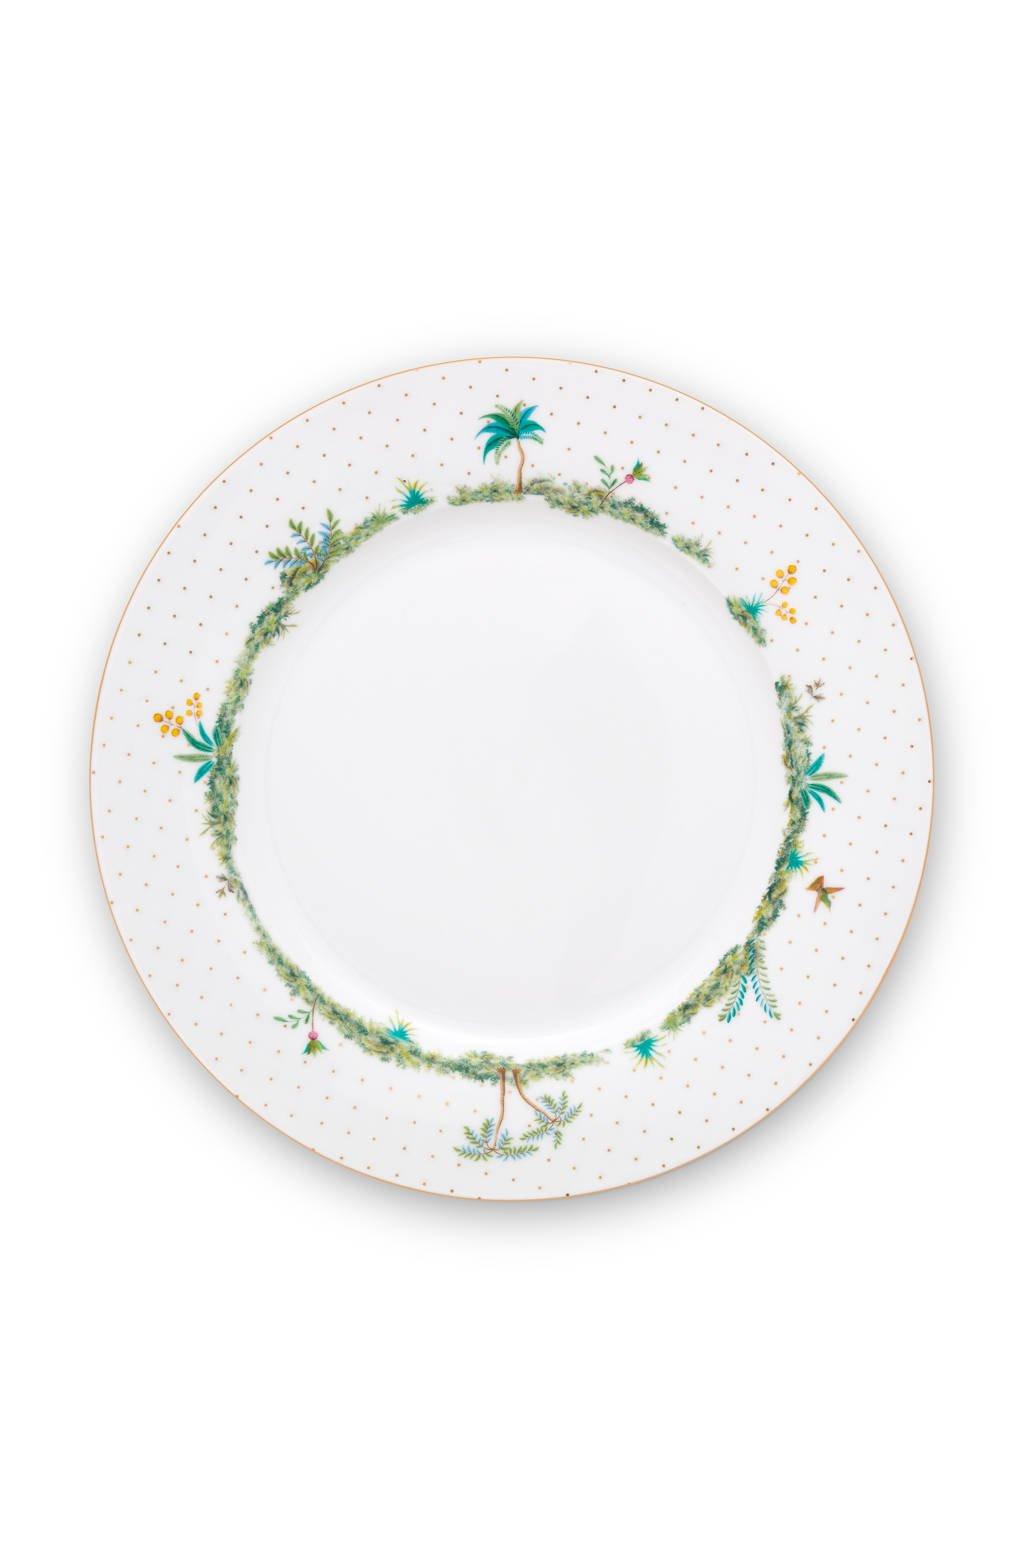 Pip Studio Plate Jolie Dots Gold 26.5cm, White